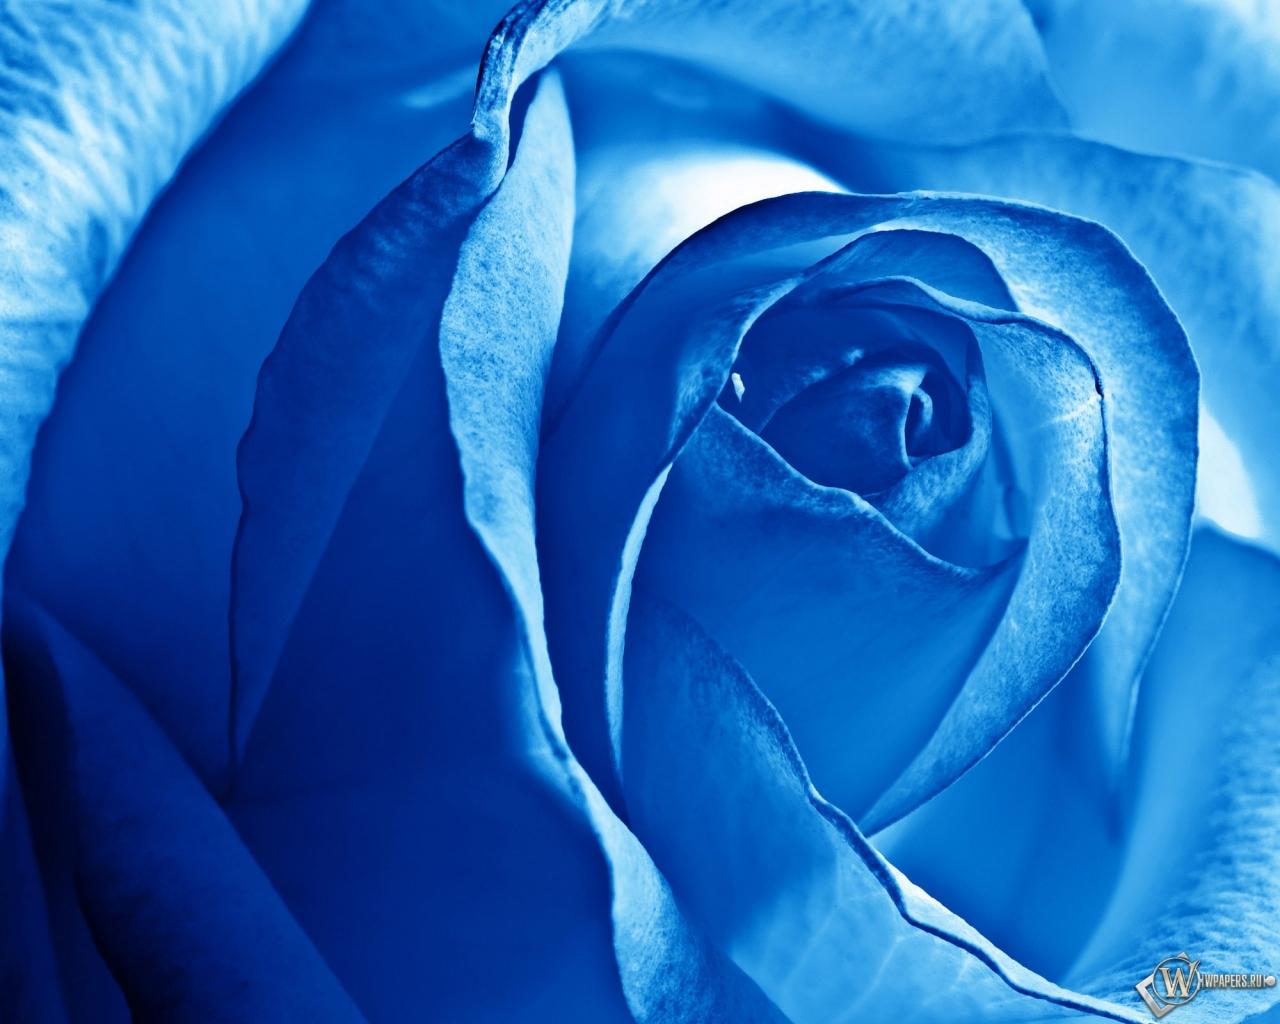 Лепестки синий цветы 1280x1024 картинки